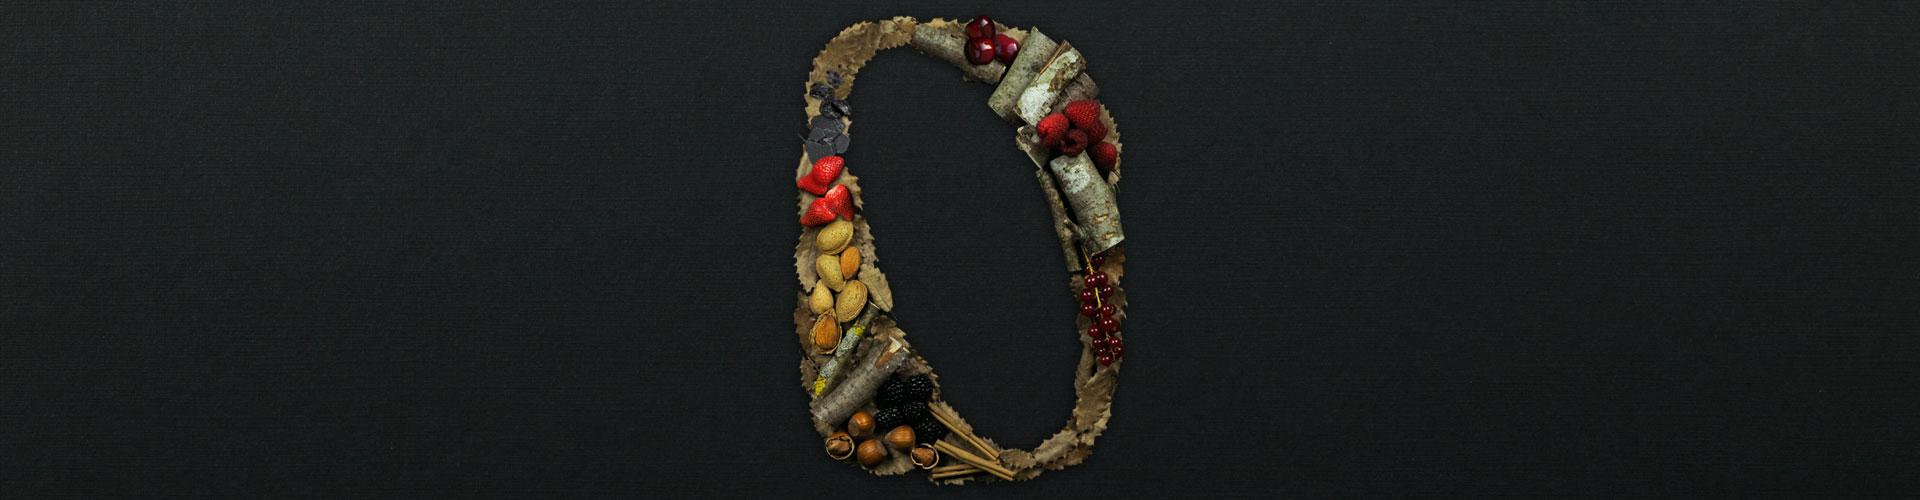 Bodegas Ondalán. Letra O del logotipo construida con maderas y frutas